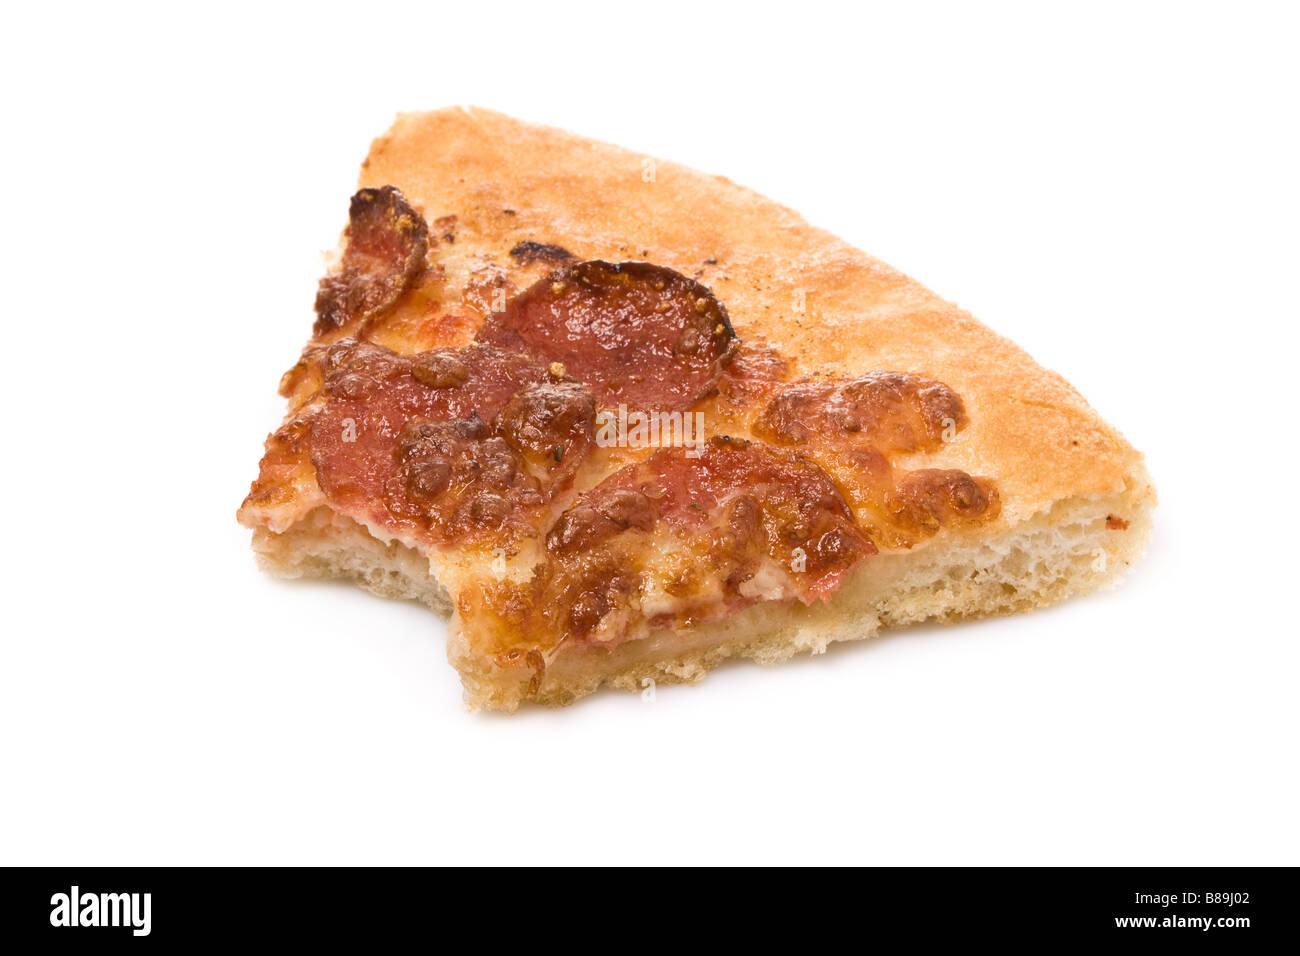 Mordu pepperoni pizza slice restes isolé sur fond blanc. Découpe découpe fast food junk bouchée Photo Stock